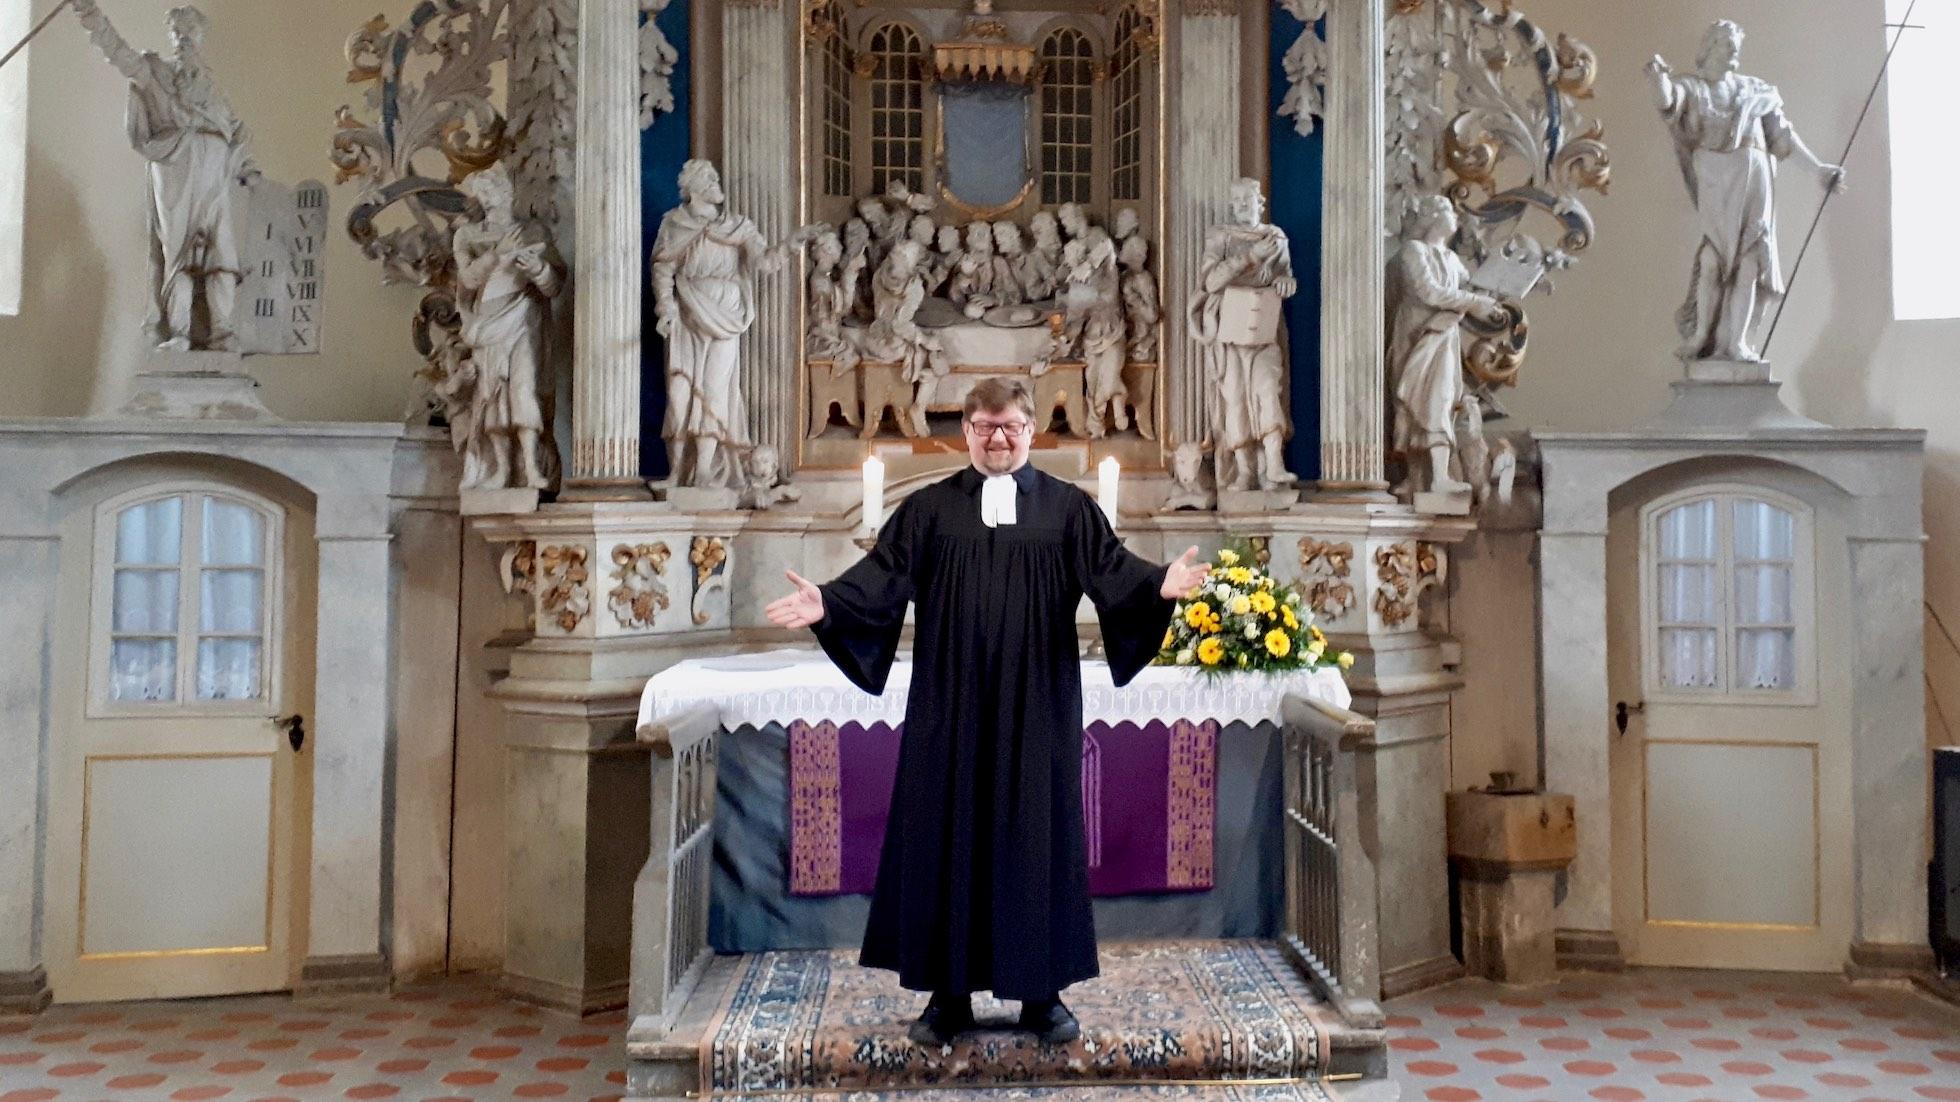 Pfarrer Olaf Meyer steht mit ausgebreiteten Armen vor dem Altar der Kirche in Elxleben